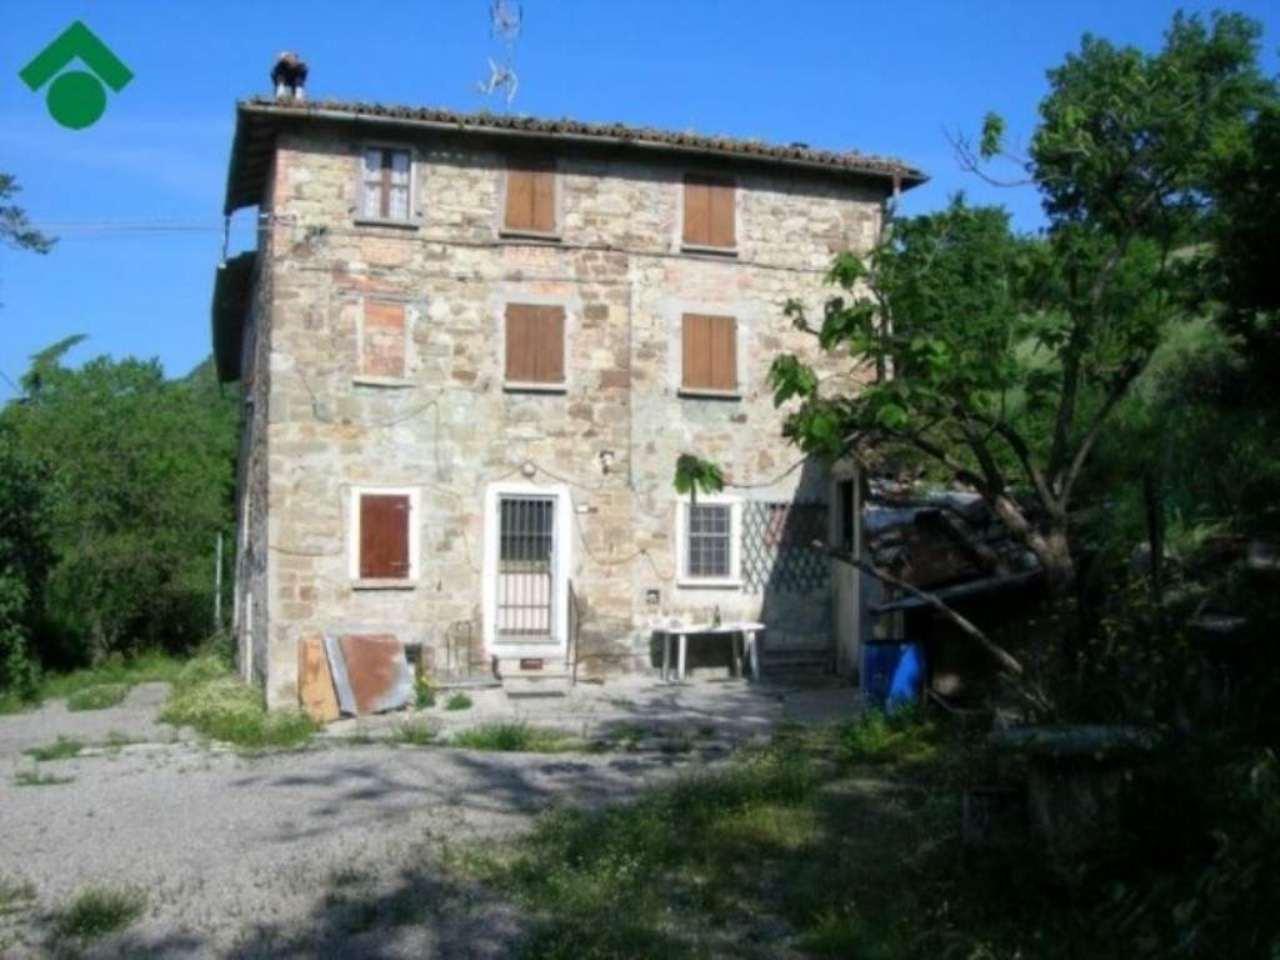 Soluzione Indipendente in vendita a San Polo d'Enza, 6 locali, prezzo € 120.000 | Cambio Casa.it